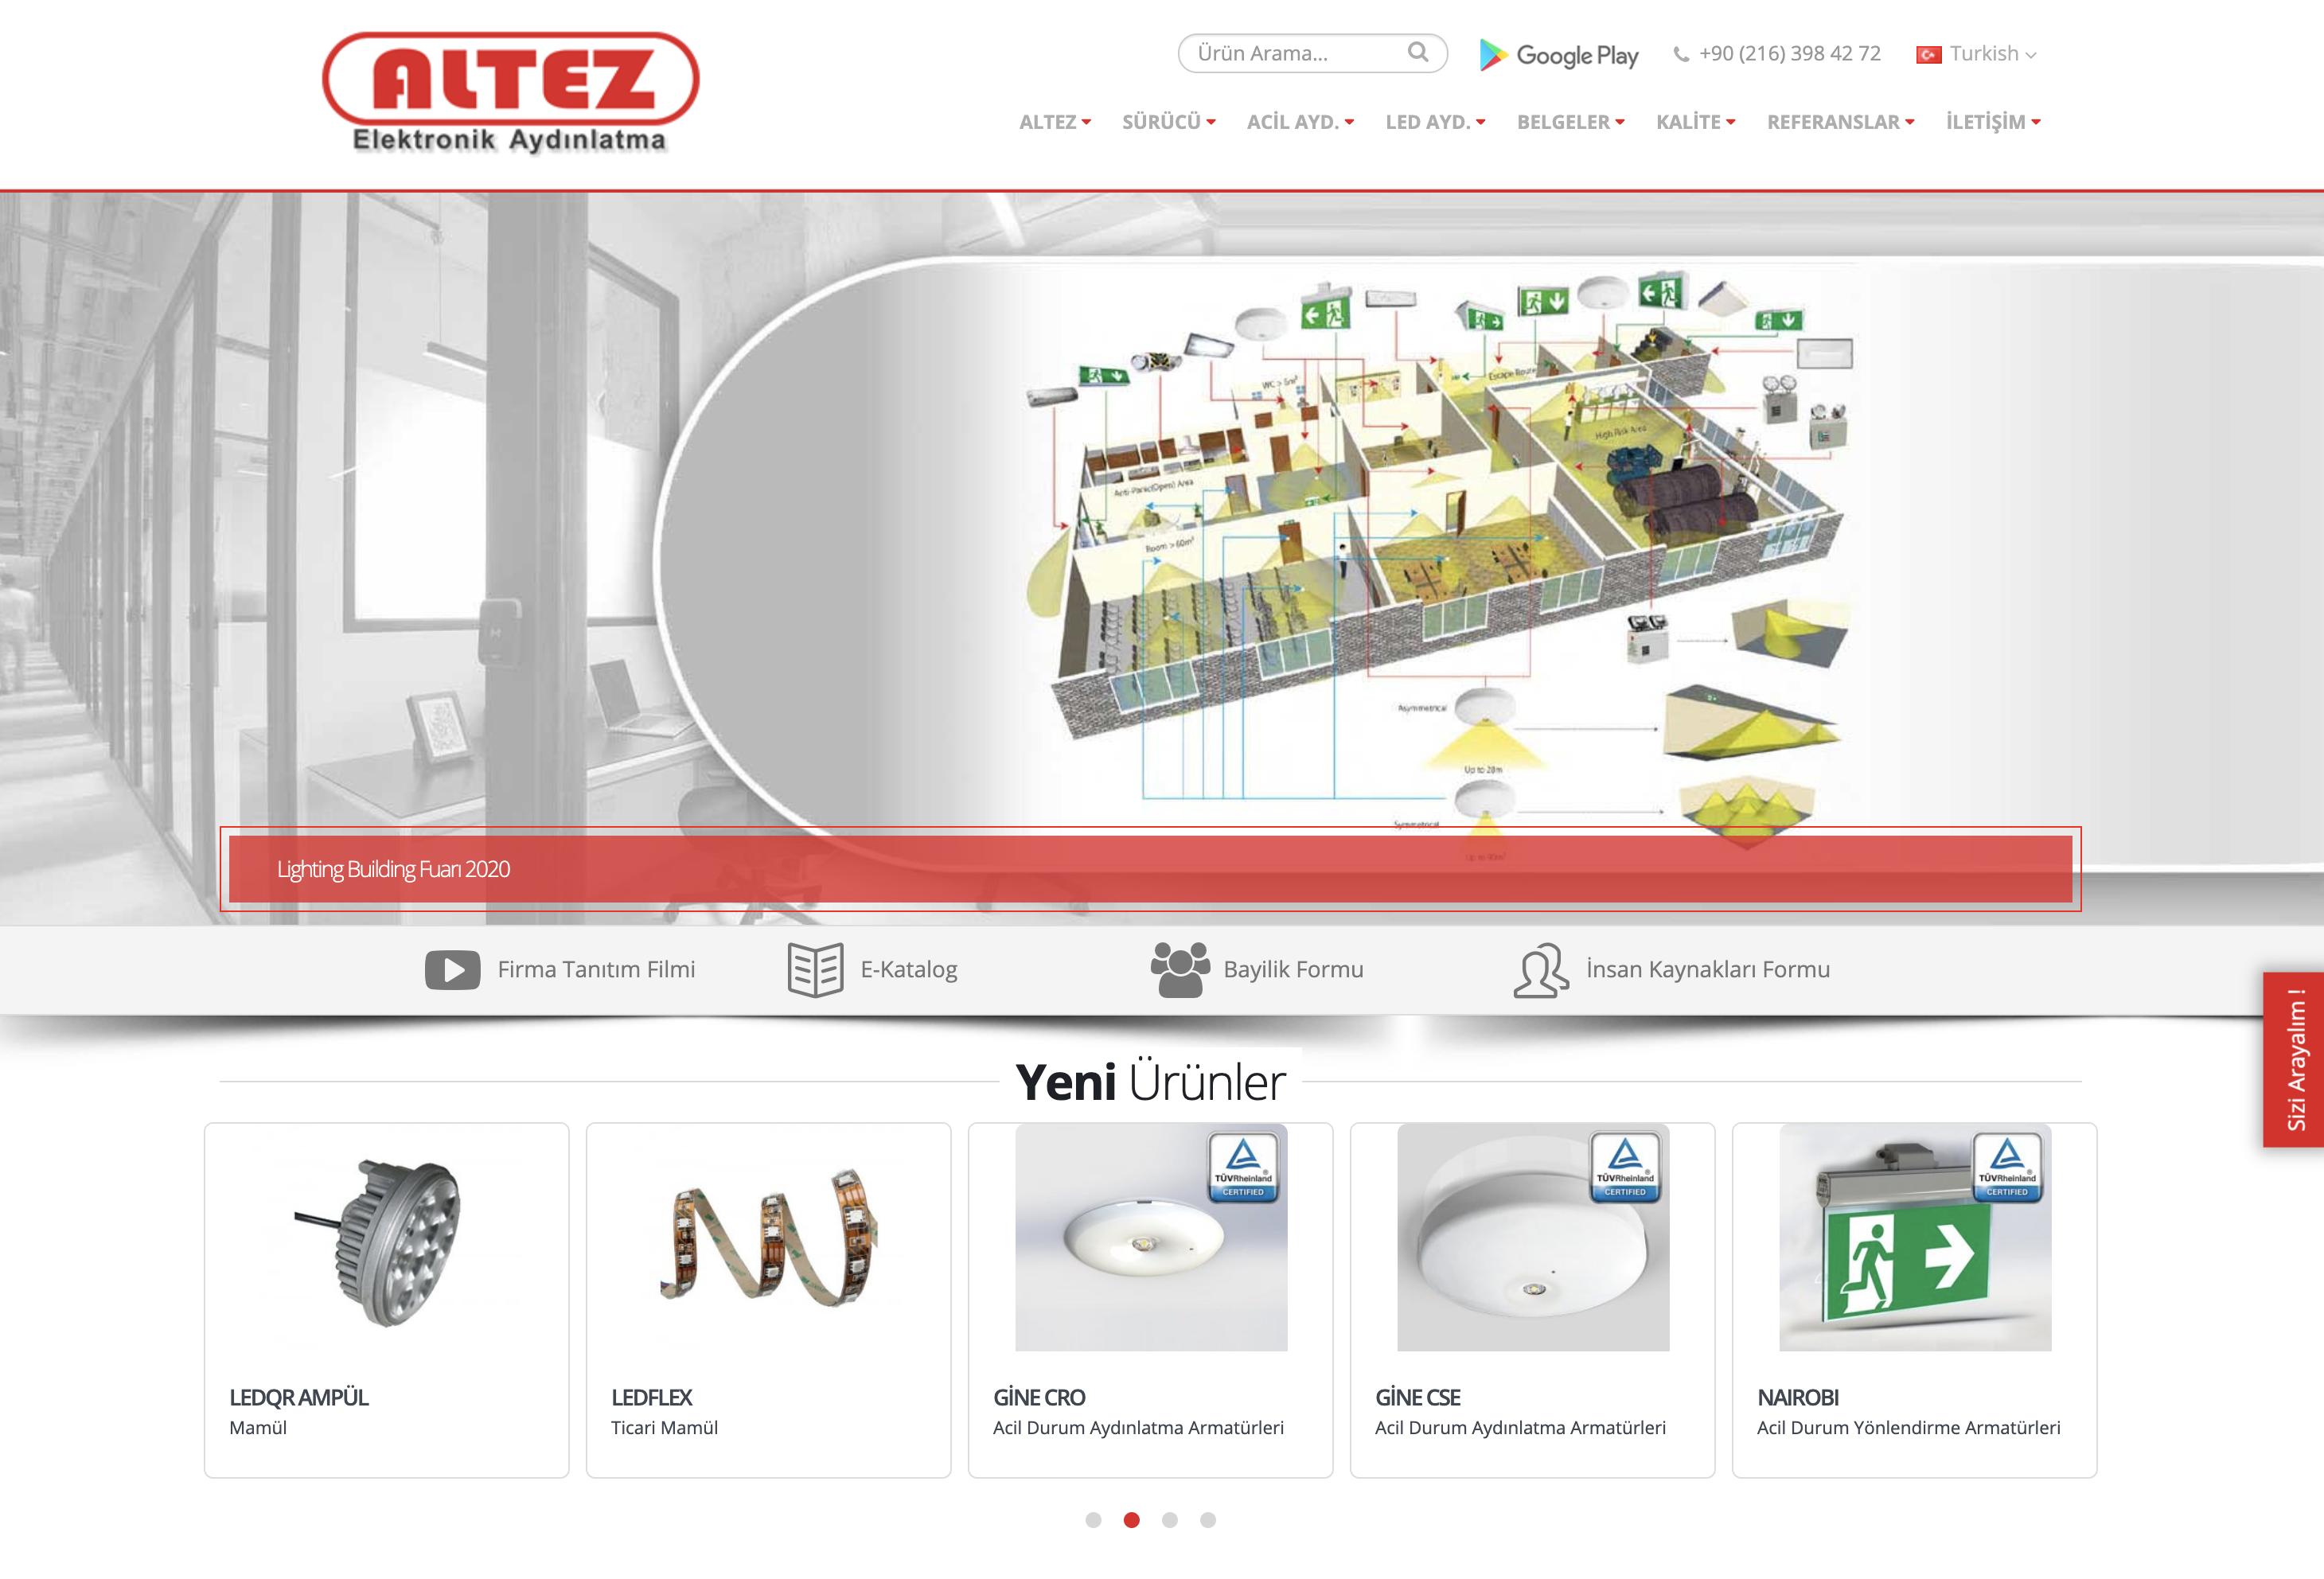 Altez Firması Yeni Web Sitesi Yayına Girmiştir.